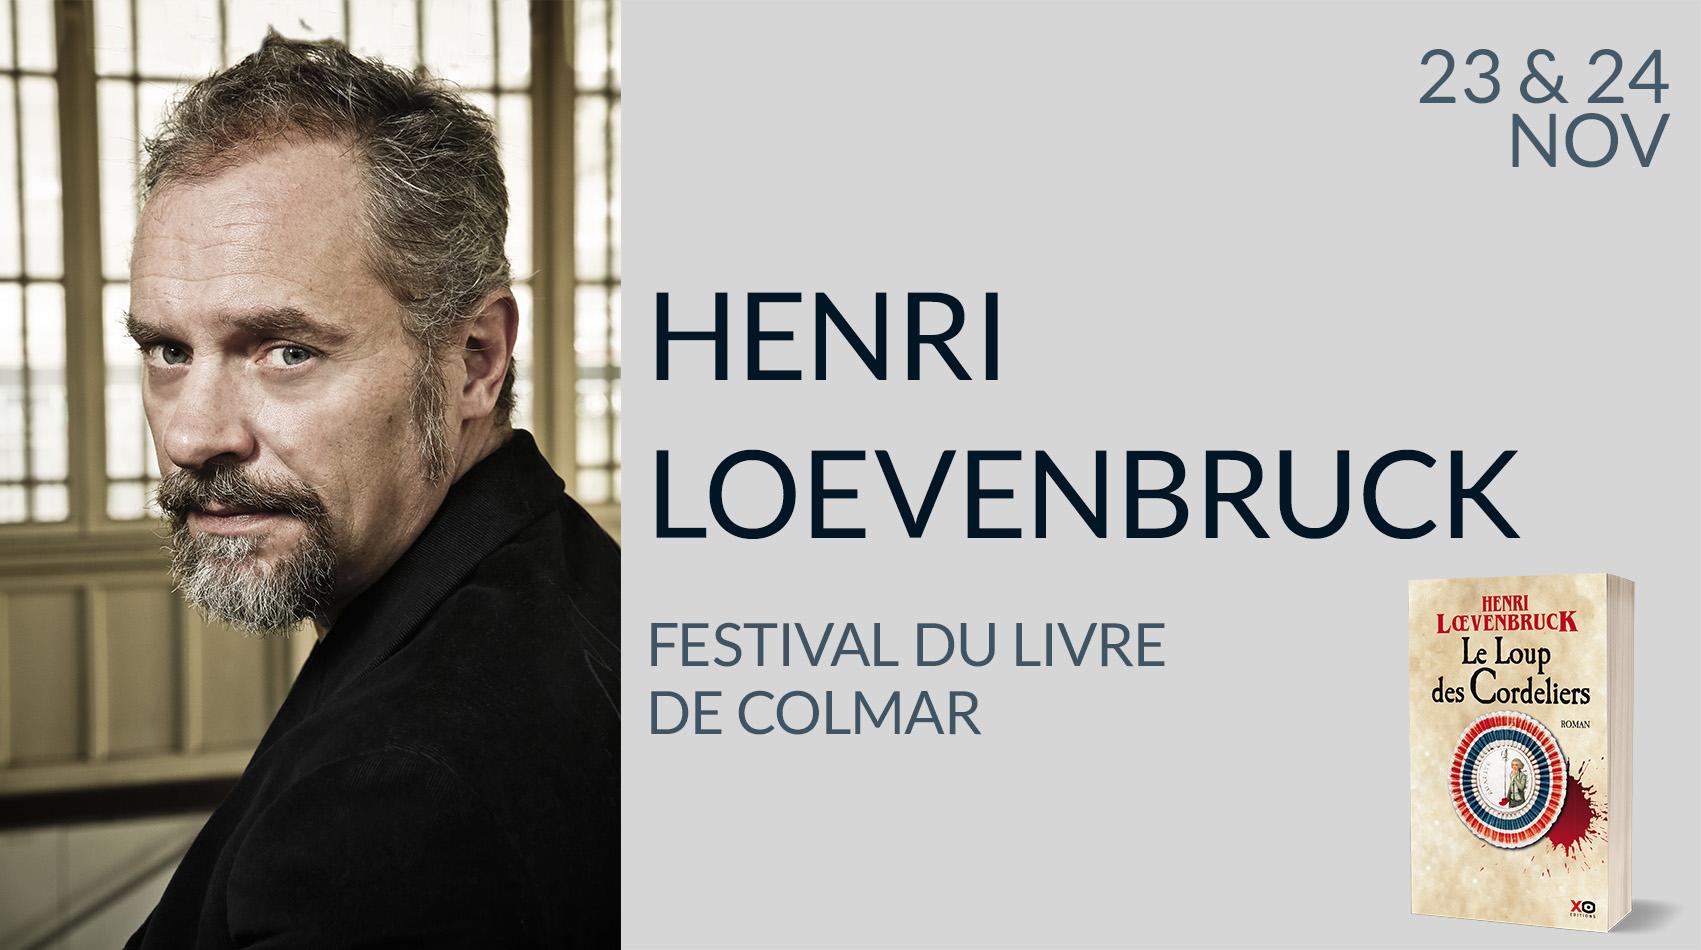 HENRI LŒVENBRUCK AU FESTIVAL DU LIVRE DE COLMAR